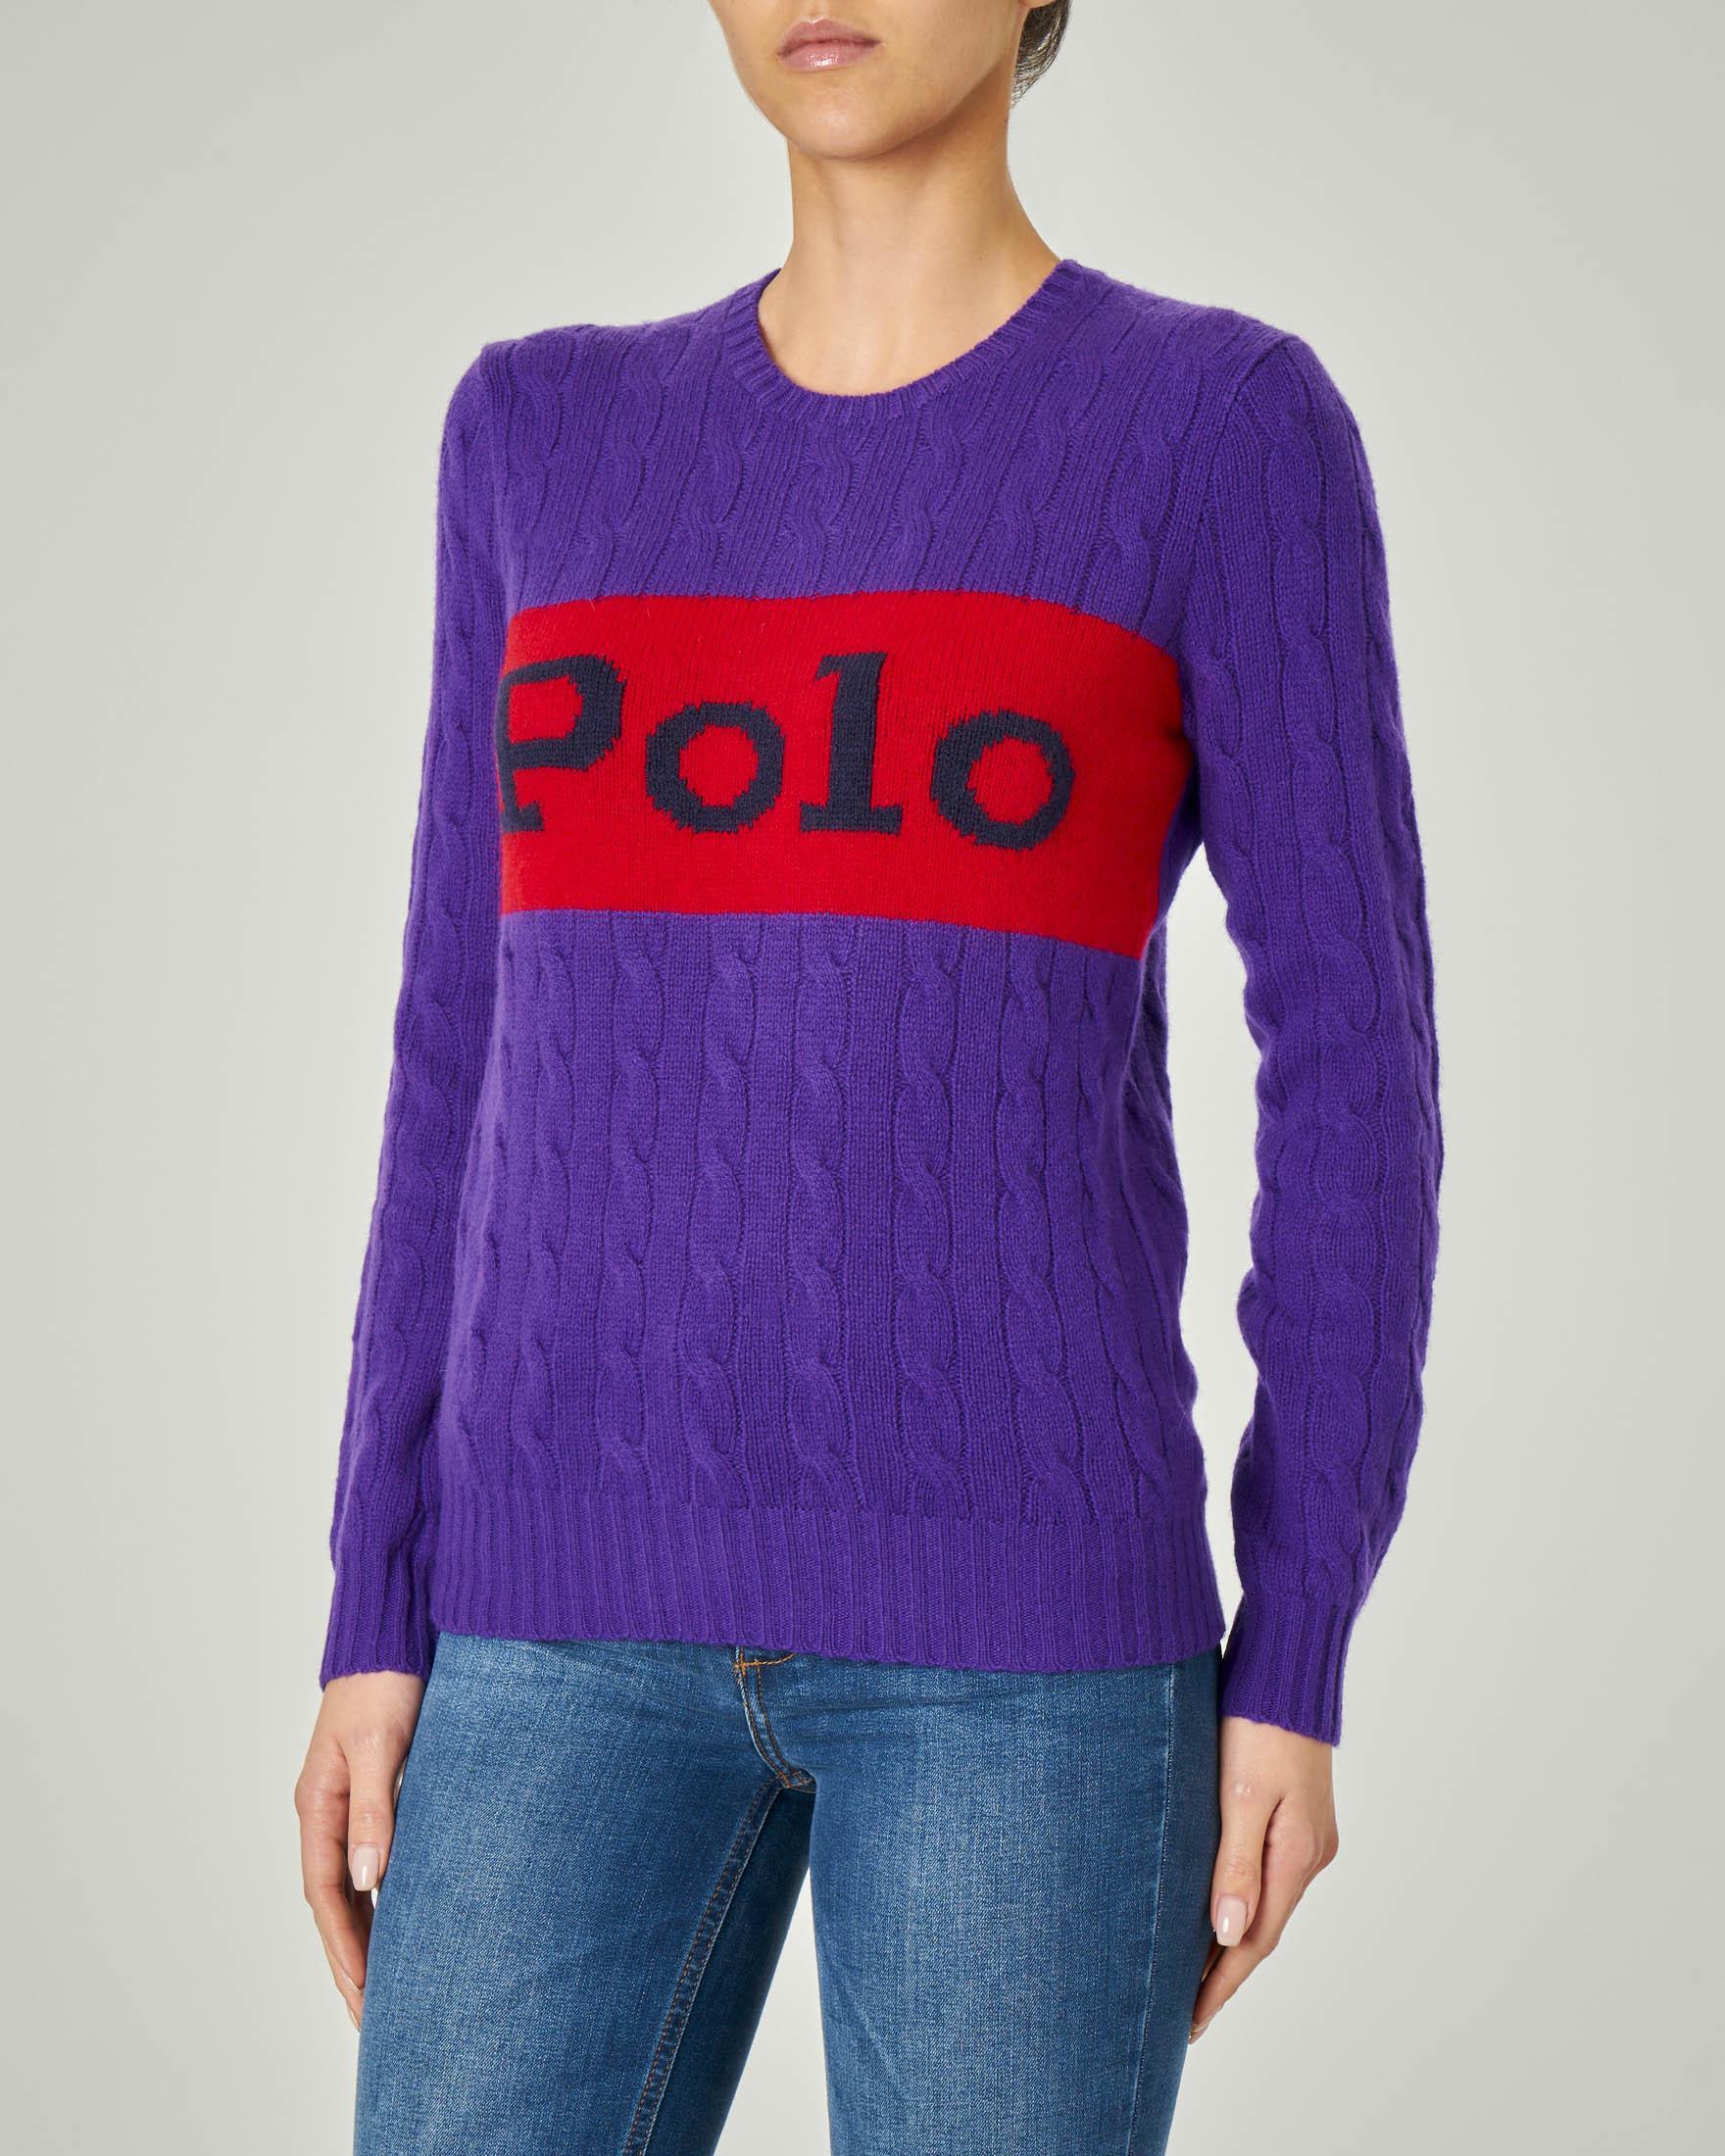 Maglia viola in lana e cashmere con motivo a trecce con banda rossa con scritta logo